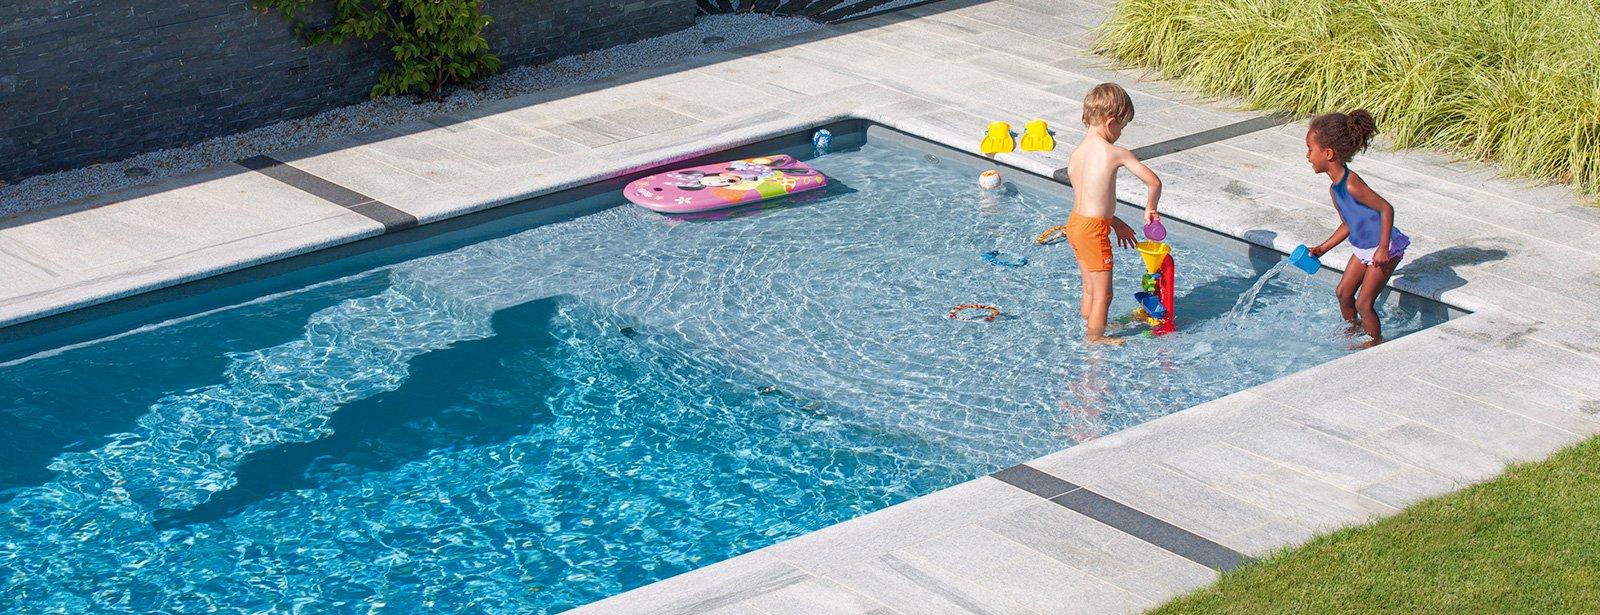 Walter widmer ag seit ber 40 jahren erfahrung im schwimmbadbau t 41 71 298 54 54 - Pool quadratisch ...